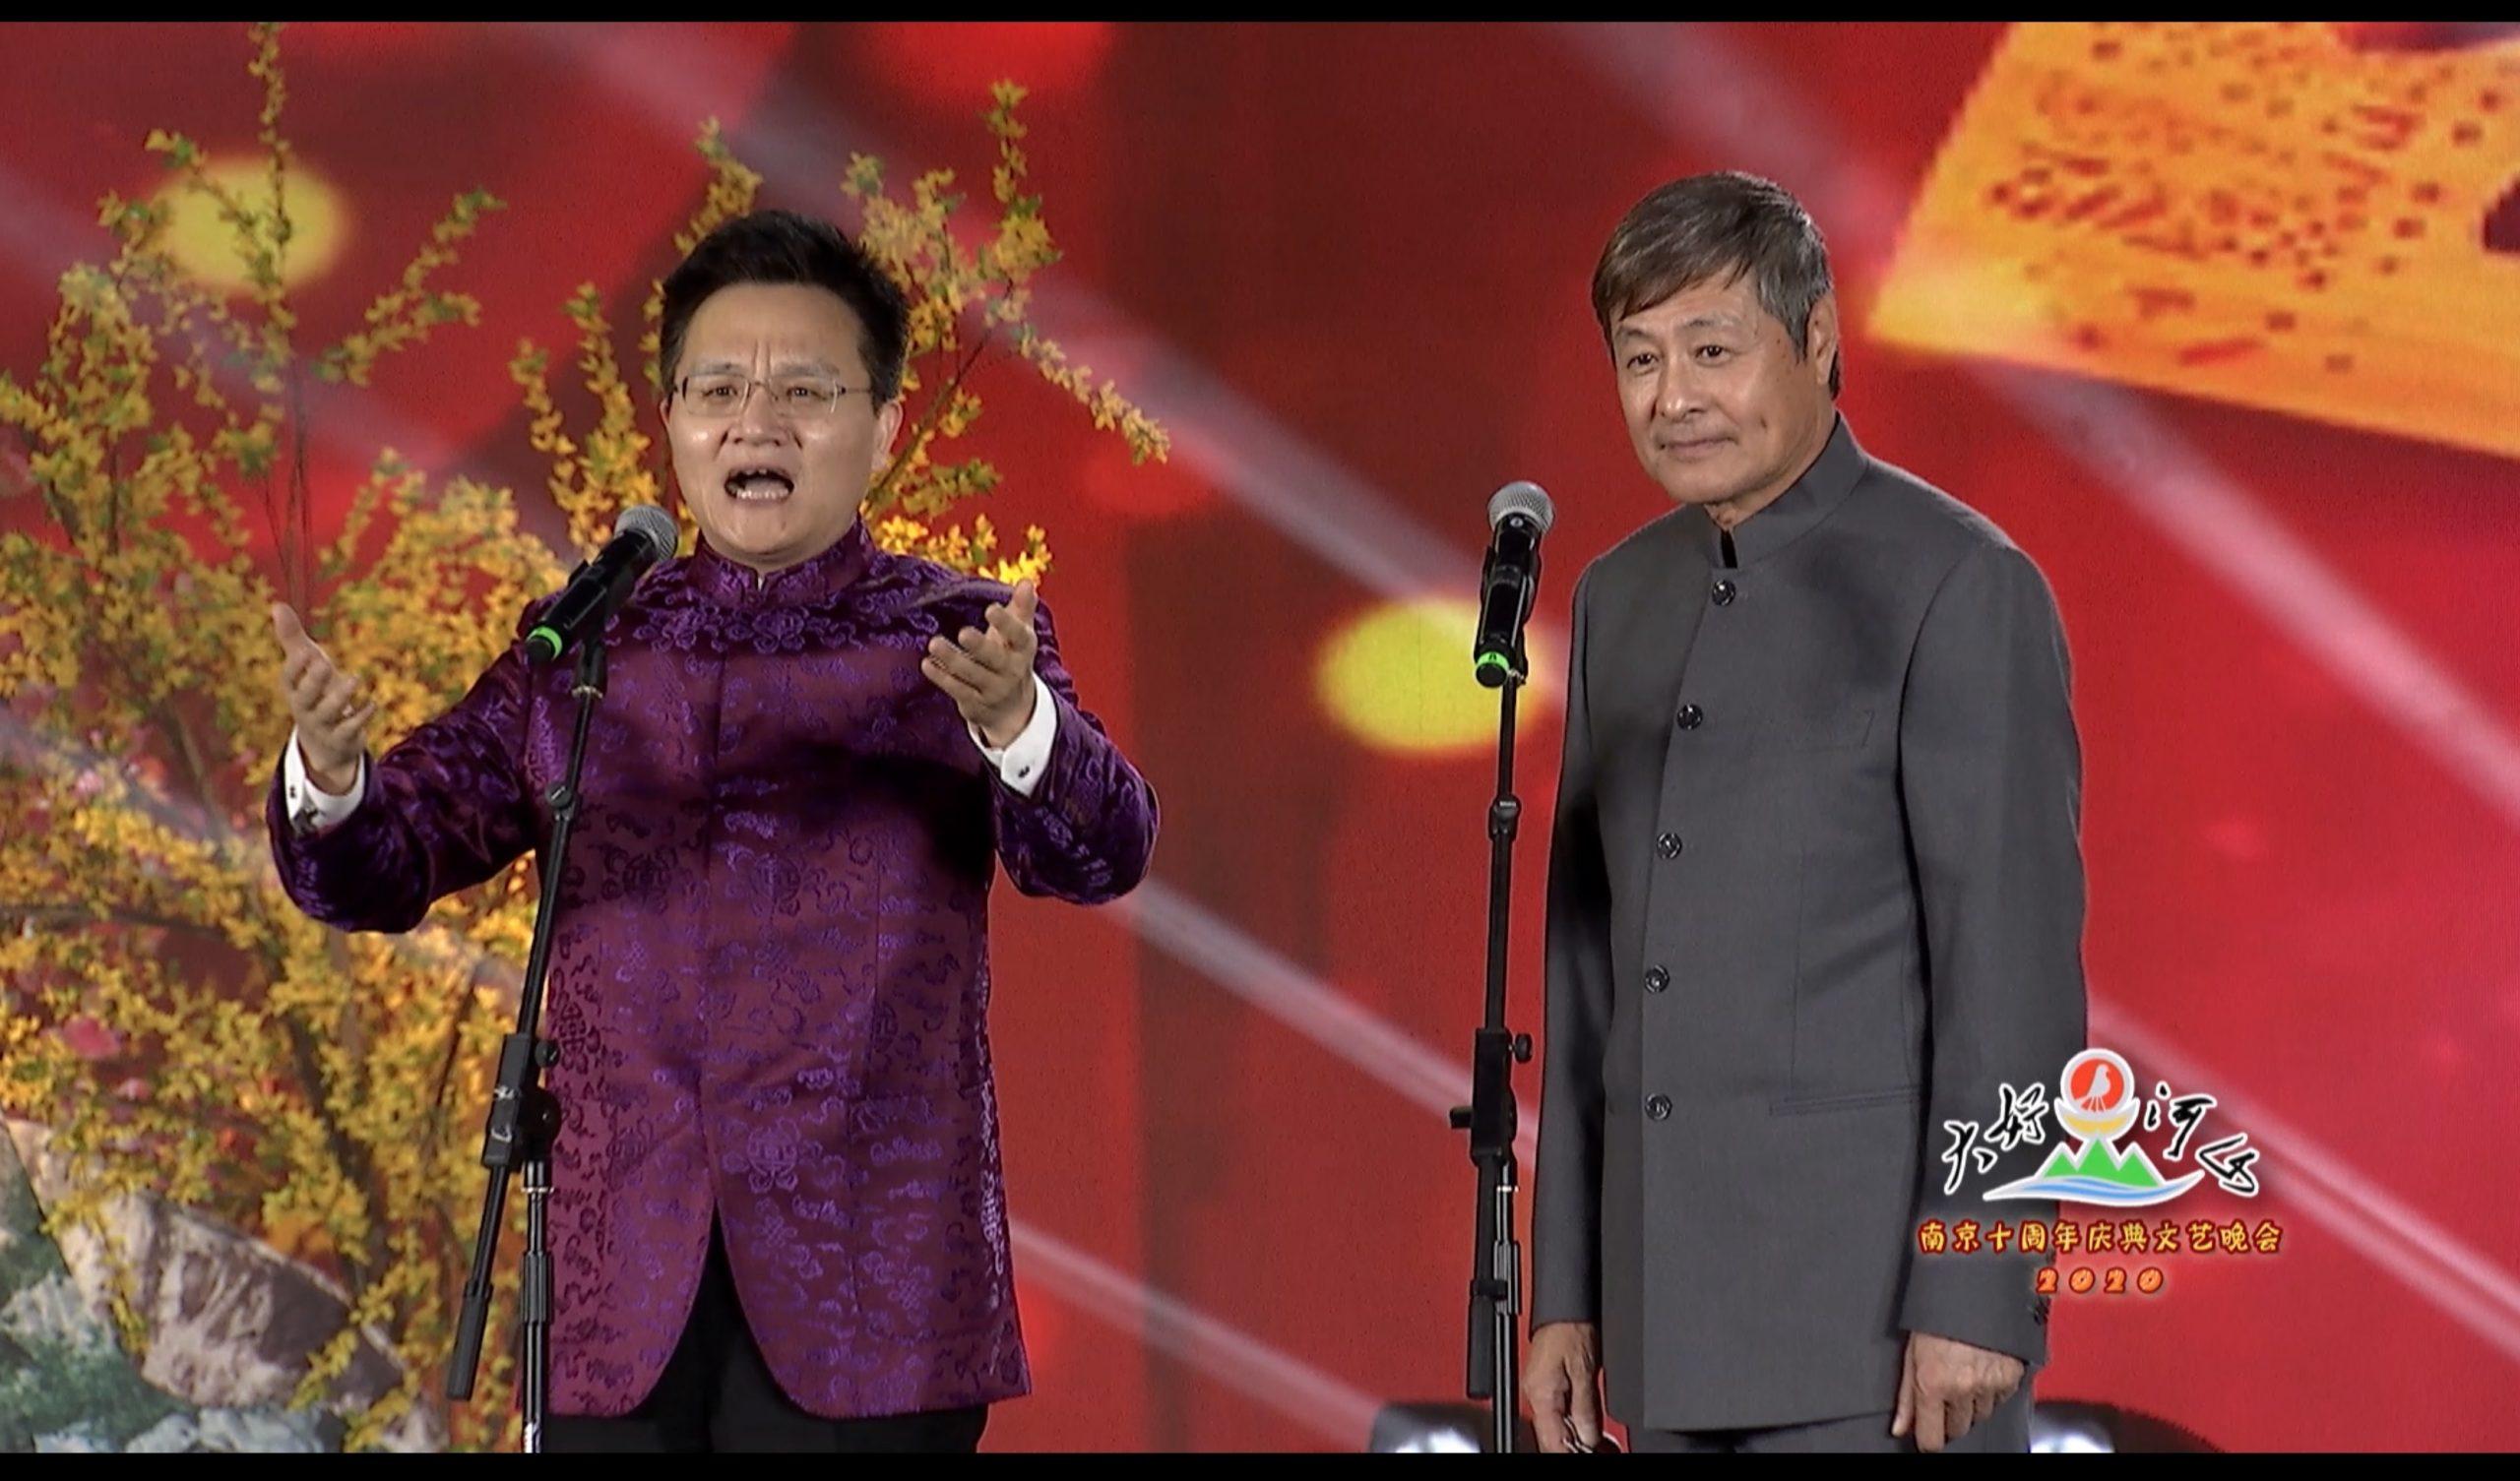 2020大好河山南京十周年庆典公益晚会 相声《长寿村》 李伟健 刘  伟